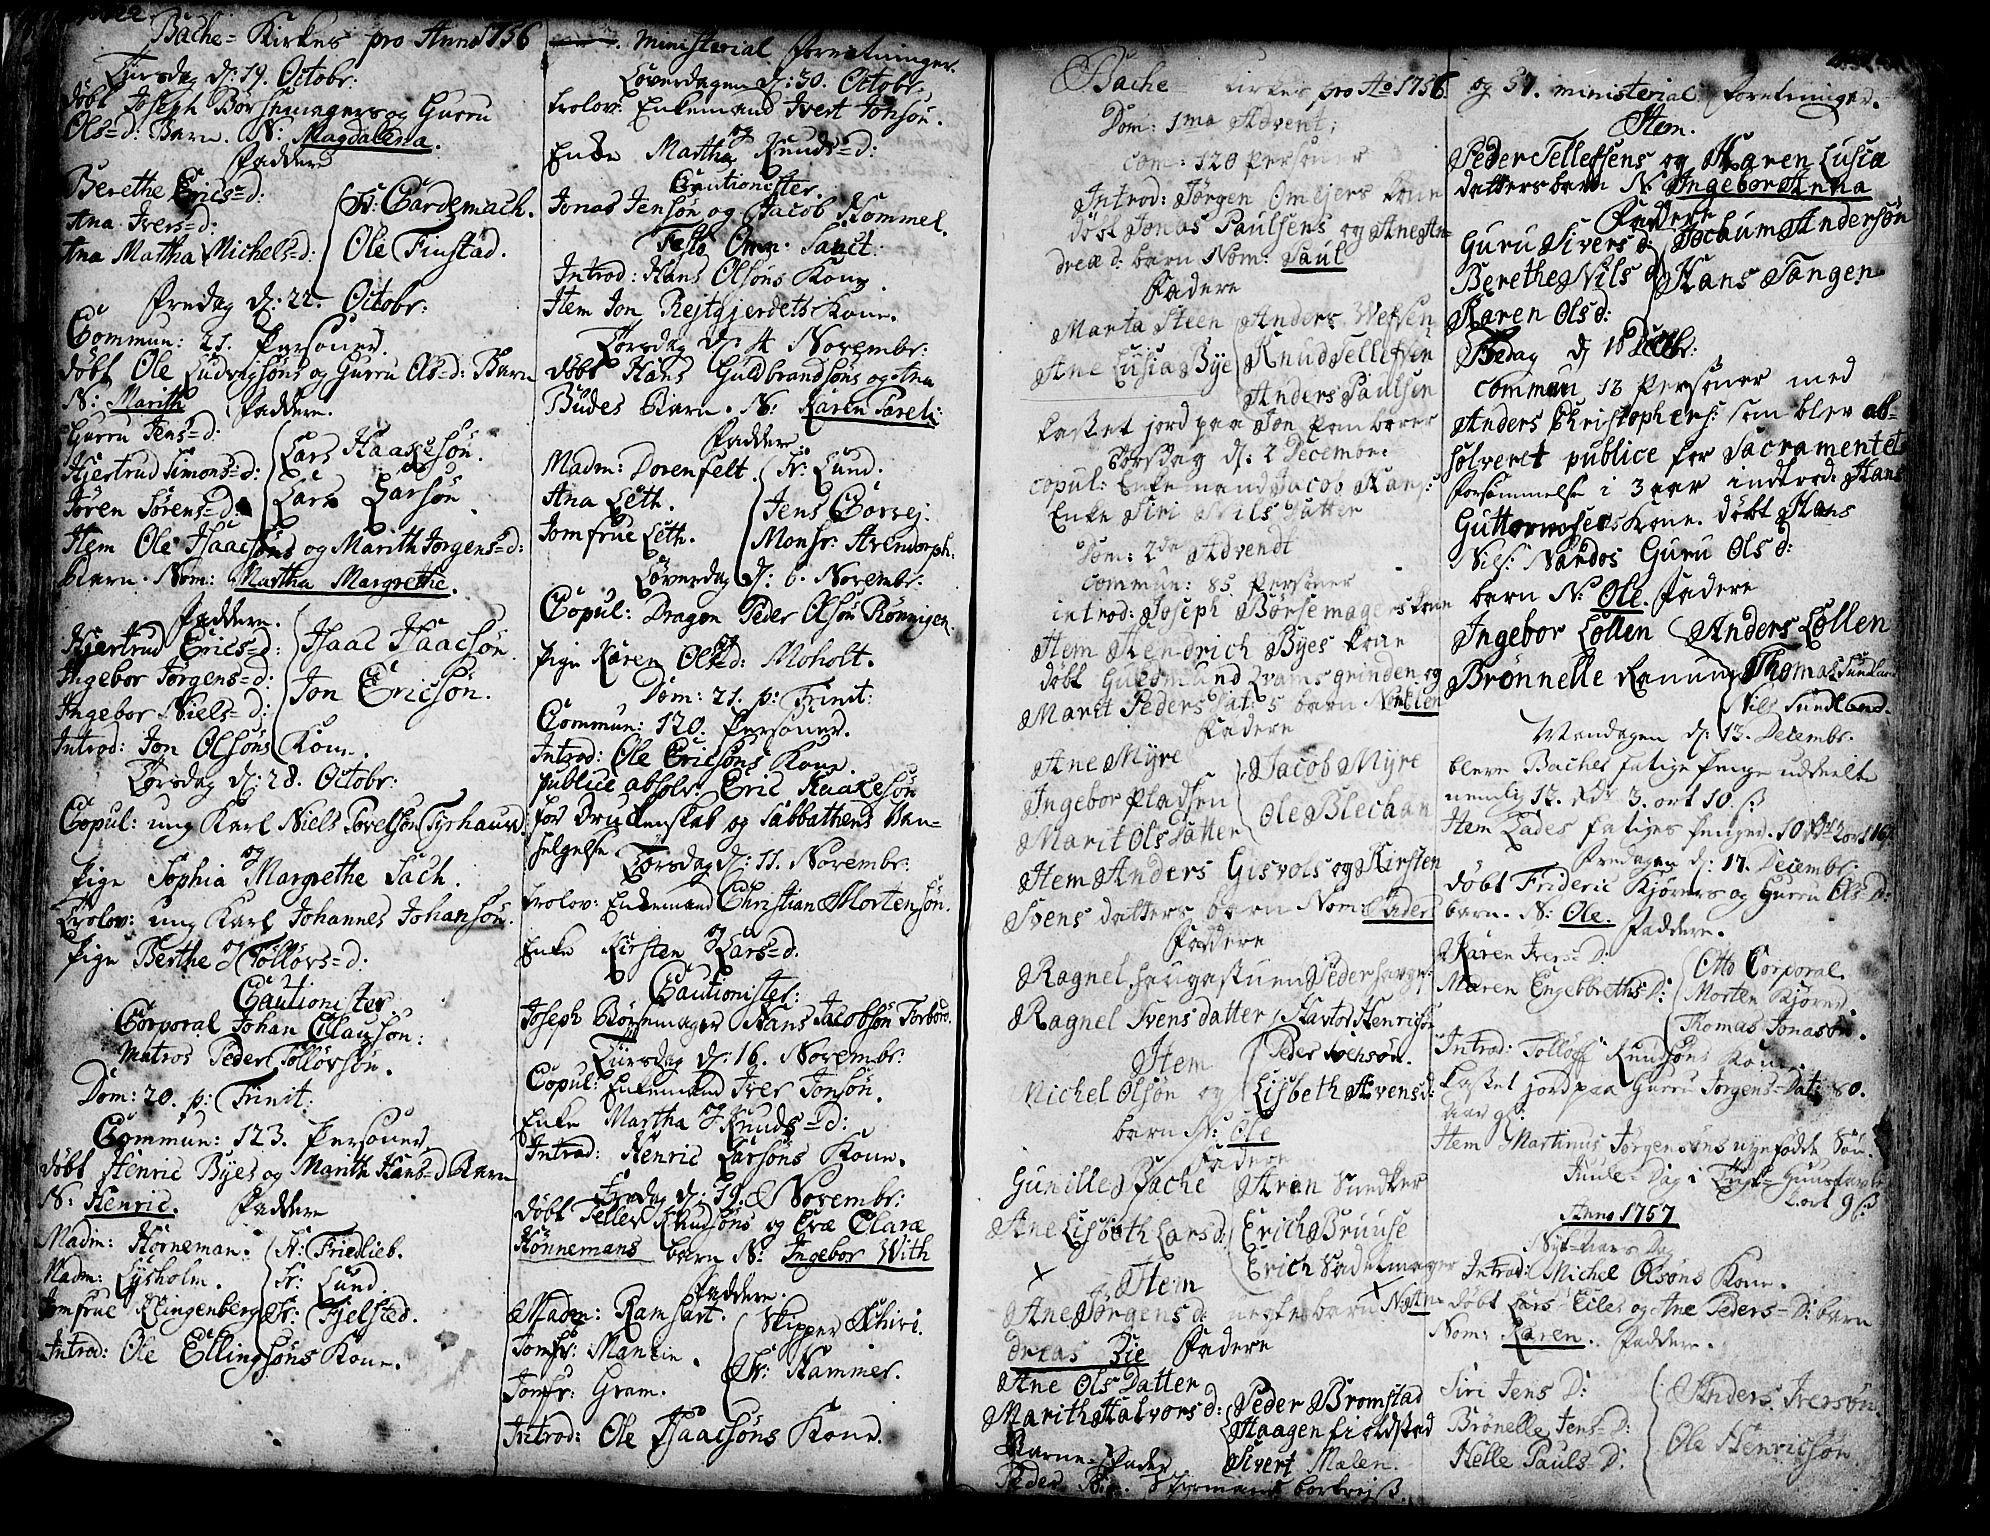 SAT, Ministerialprotokoller, klokkerbøker og fødselsregistre - Sør-Trøndelag, 606/L0276: Ministerialbok nr. 606A01 /2, 1727-1779, s. 122-123